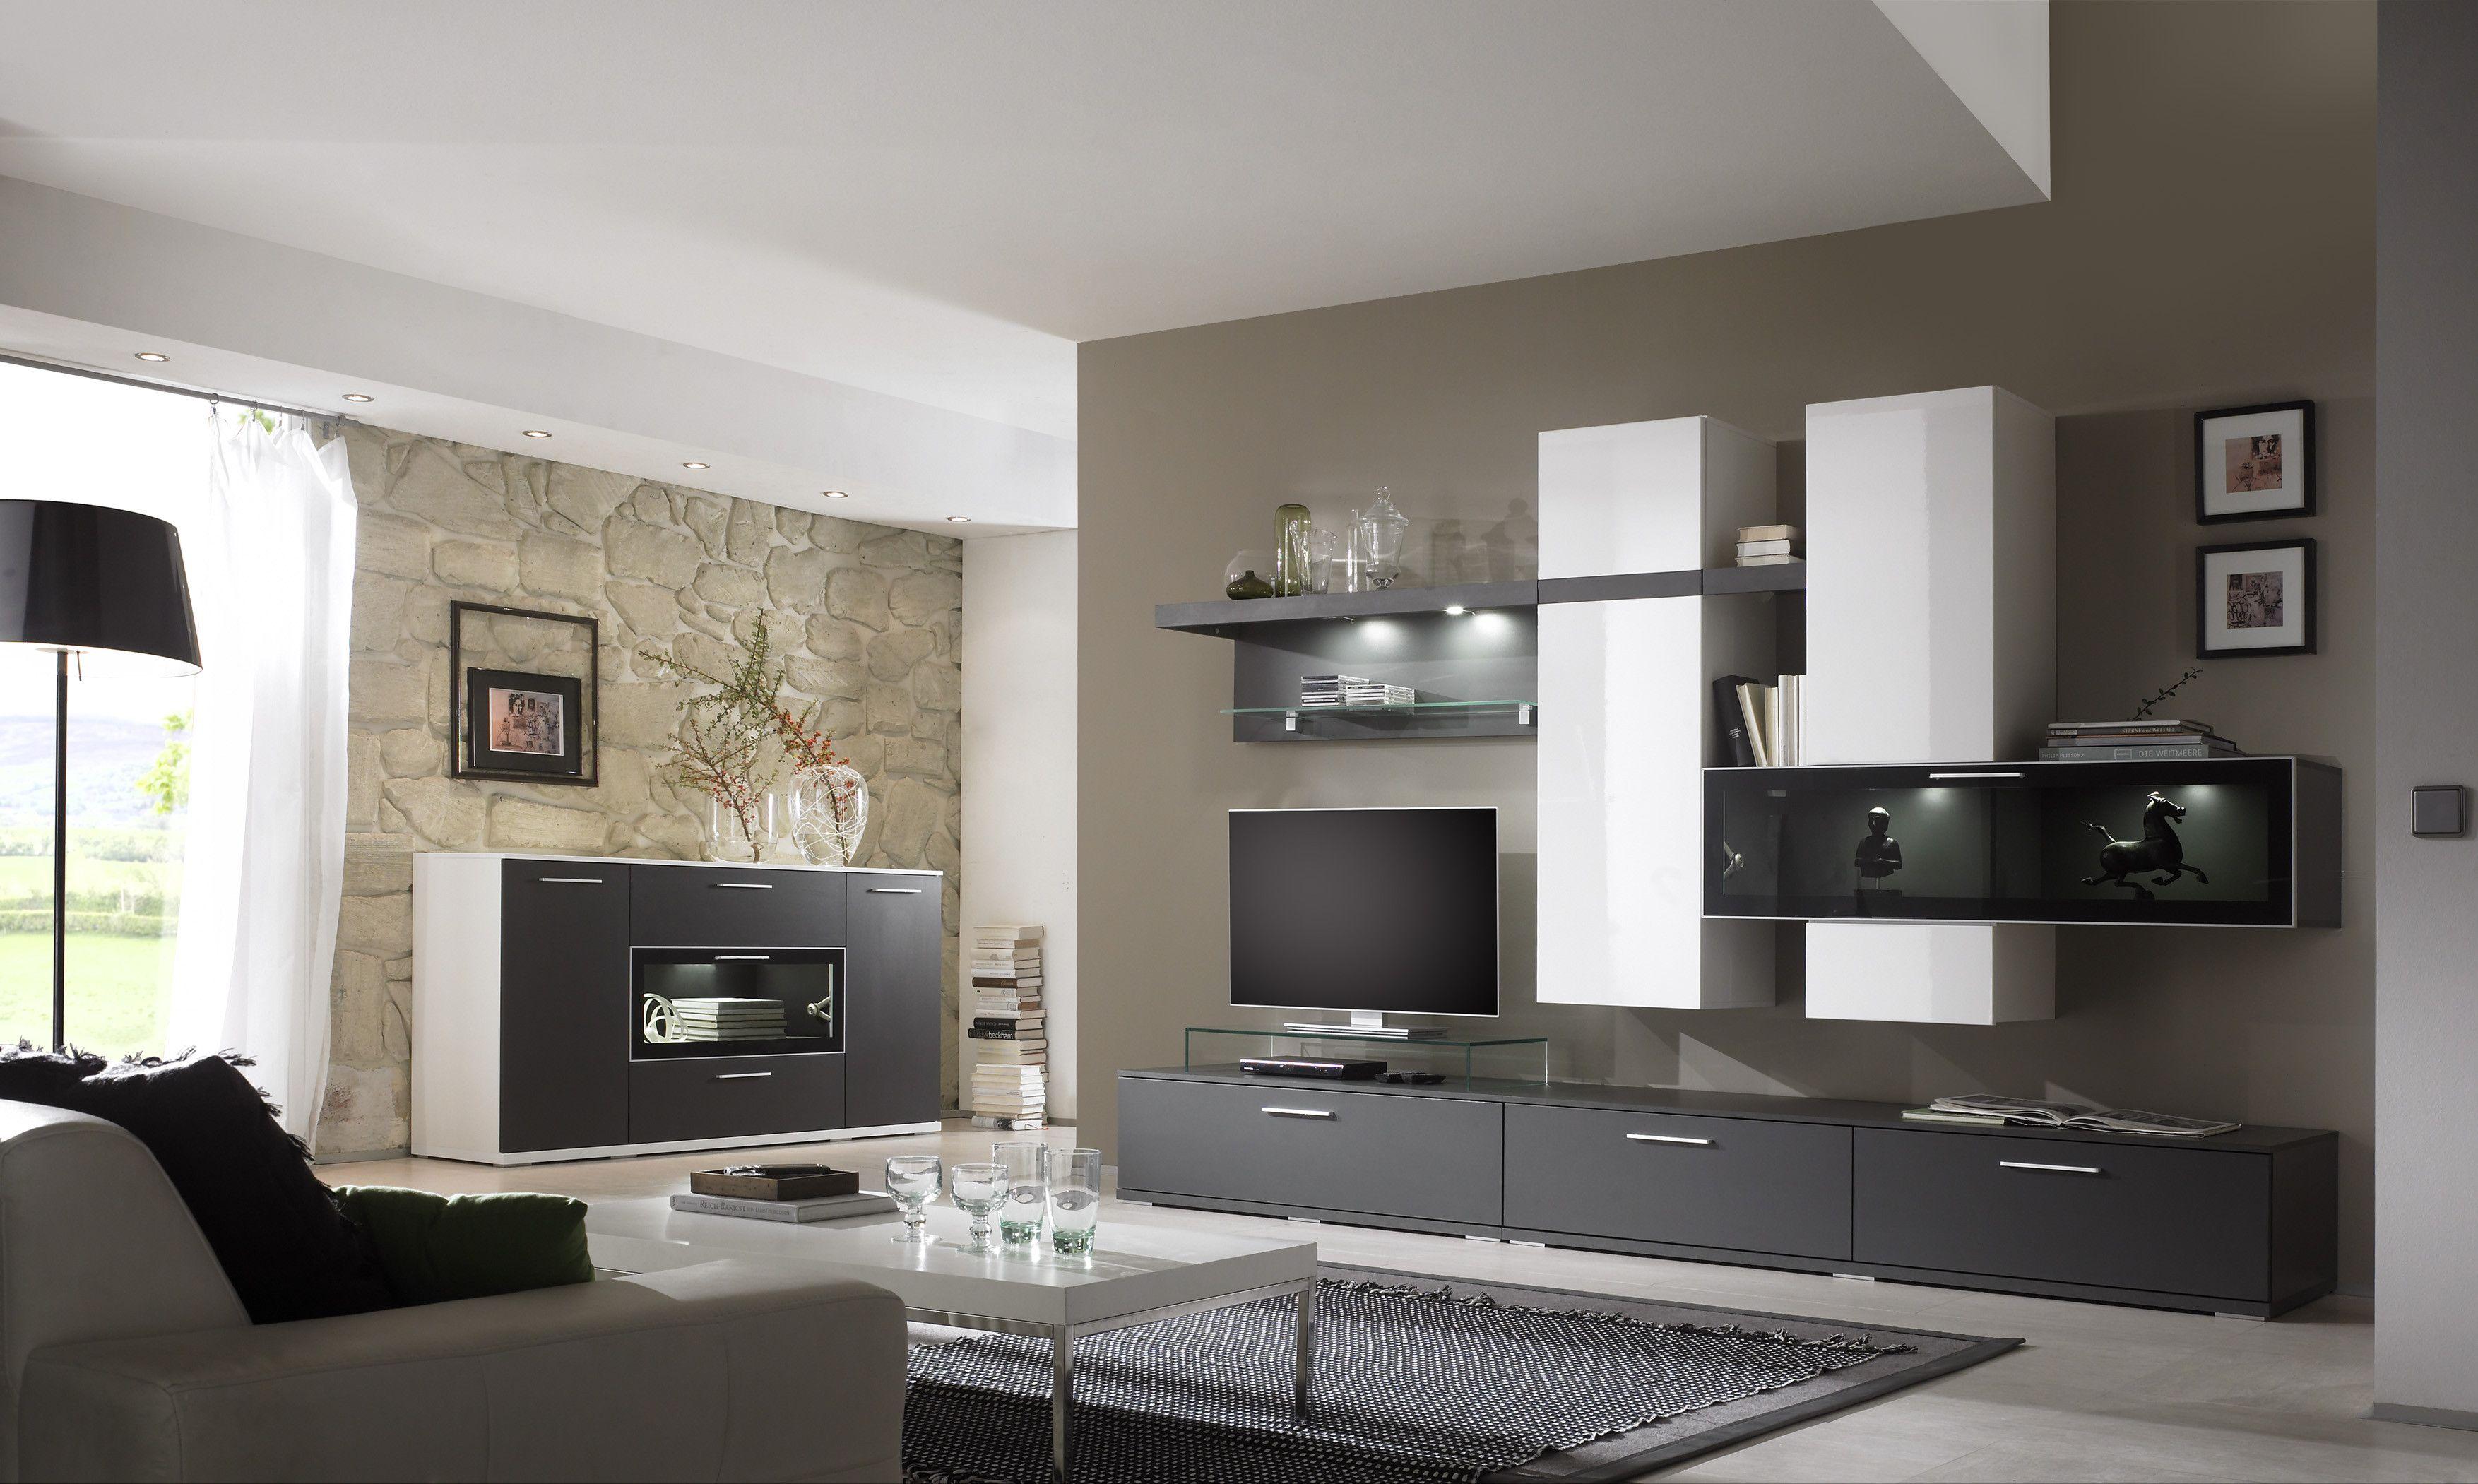 Wohnzimmer Wande Streichen Wohnzimmer Wande Streichen Ideen Genial